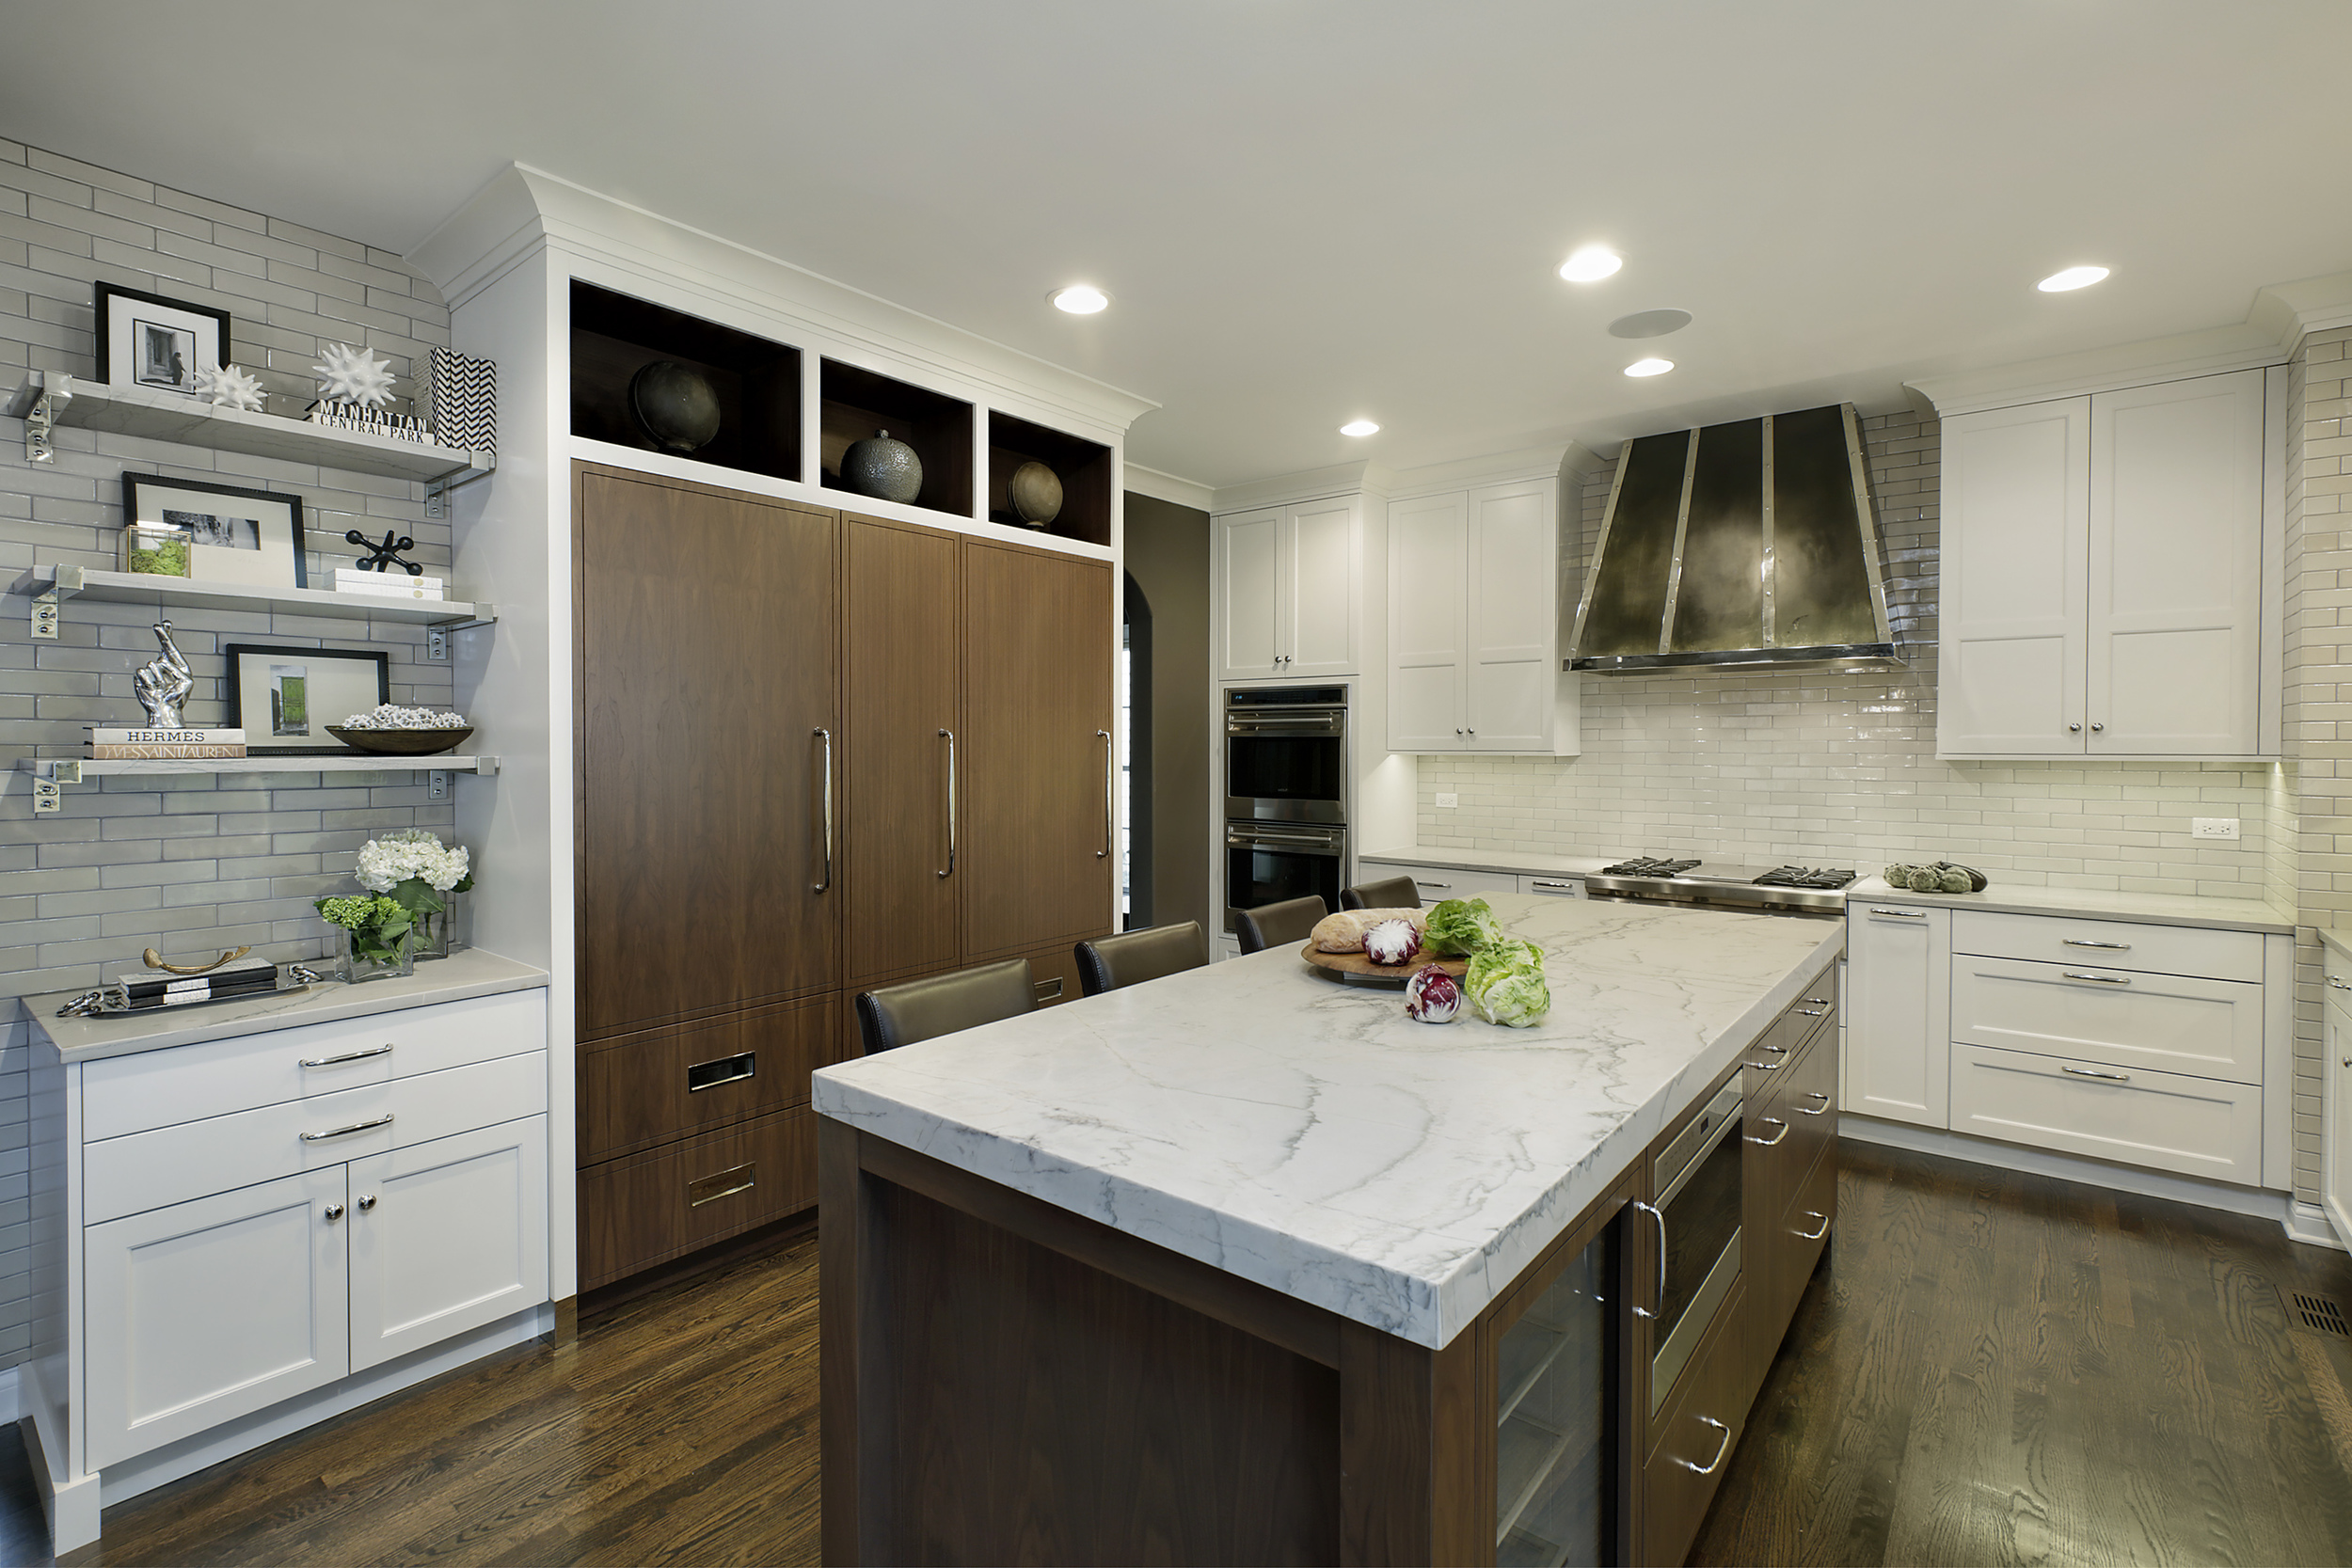 kitchen4_1250linden.jpg